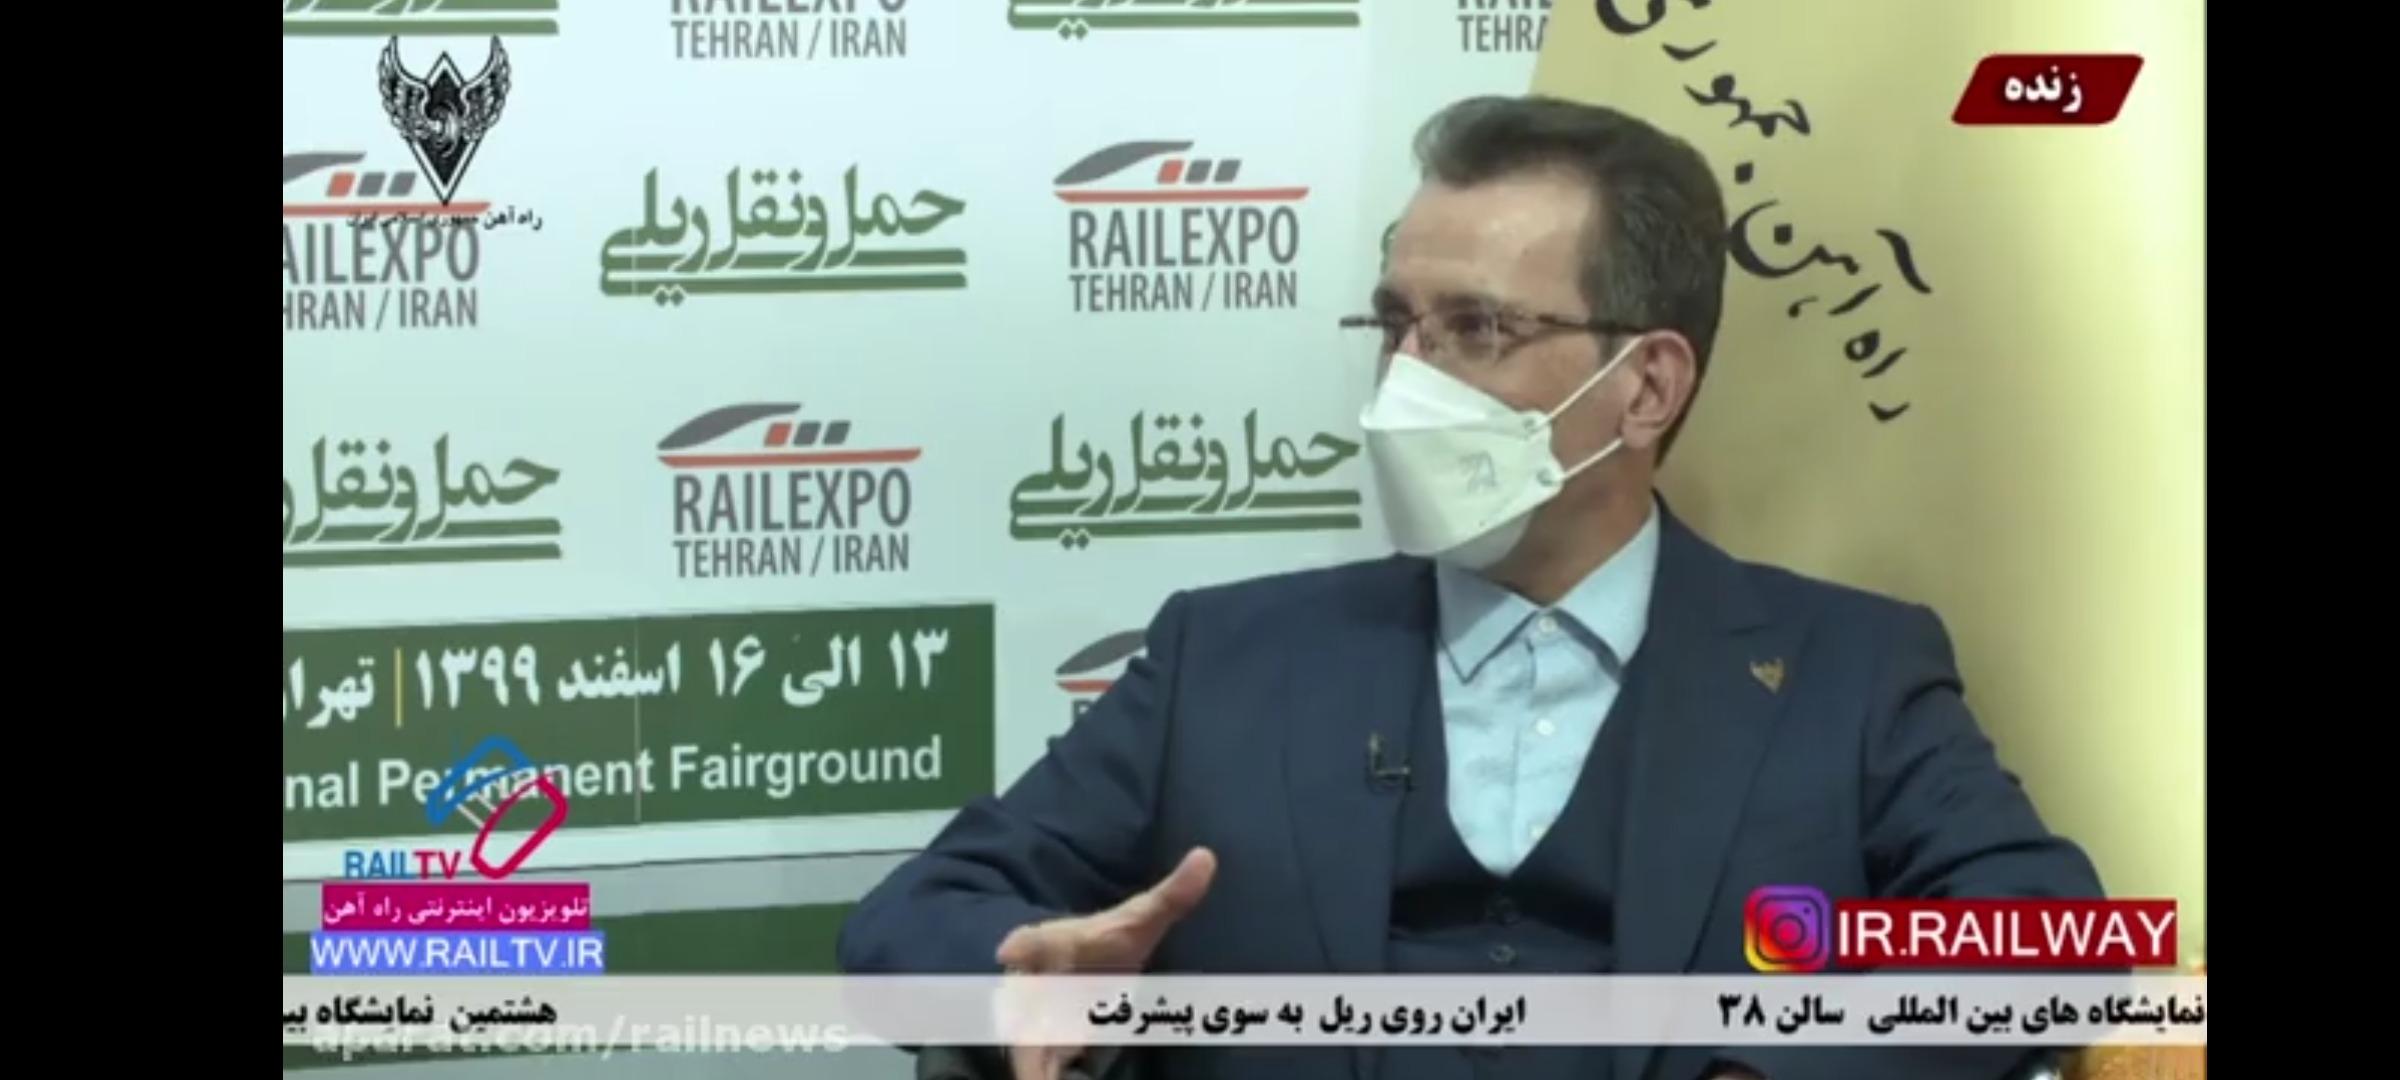 گفت و گو با دکتر رسولی مدیر عامل راه آهن در نمایشگاه حمل و نقل ریلی ۱۴ اسفند